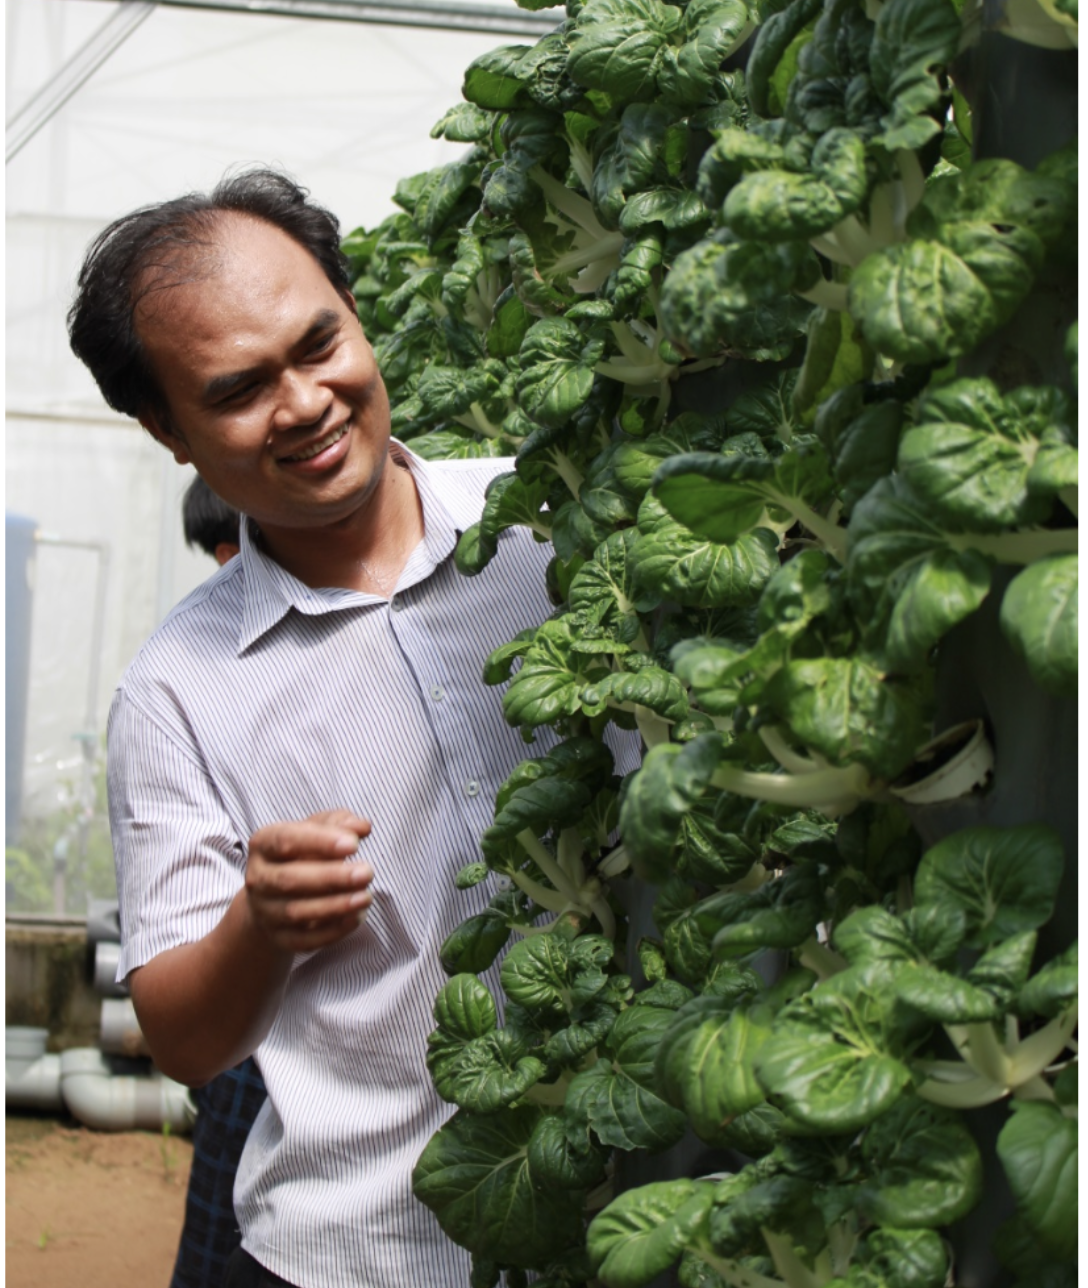 Phạm Thành Lộc tại trang trại của mình trong Khu Nông nghiệp Công nghệ cao TP.HCM . Ảnh: NVCC